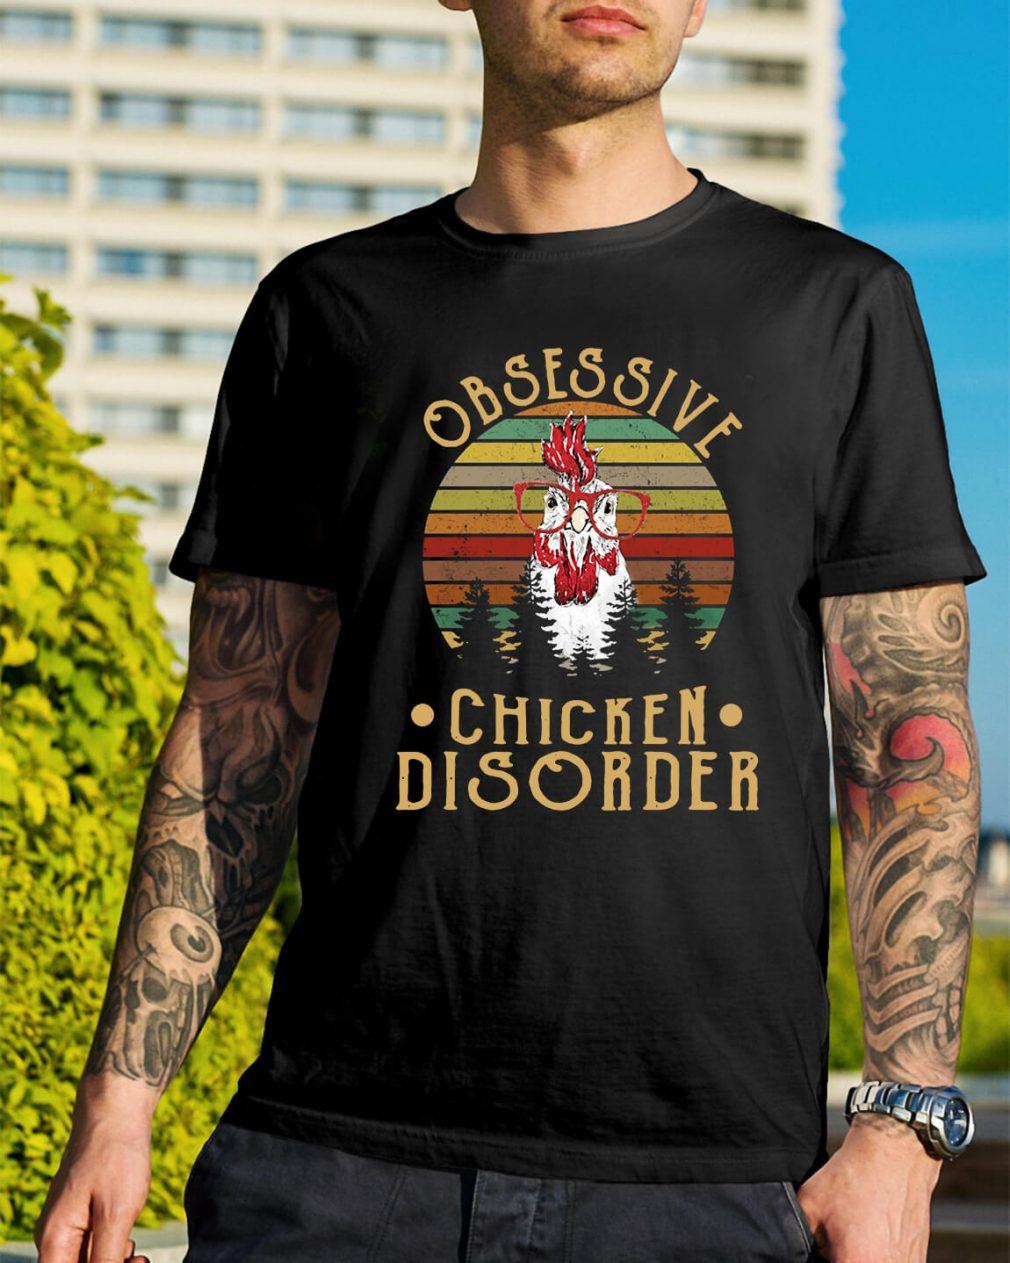 Sunset obsessive chicken disorder shirt